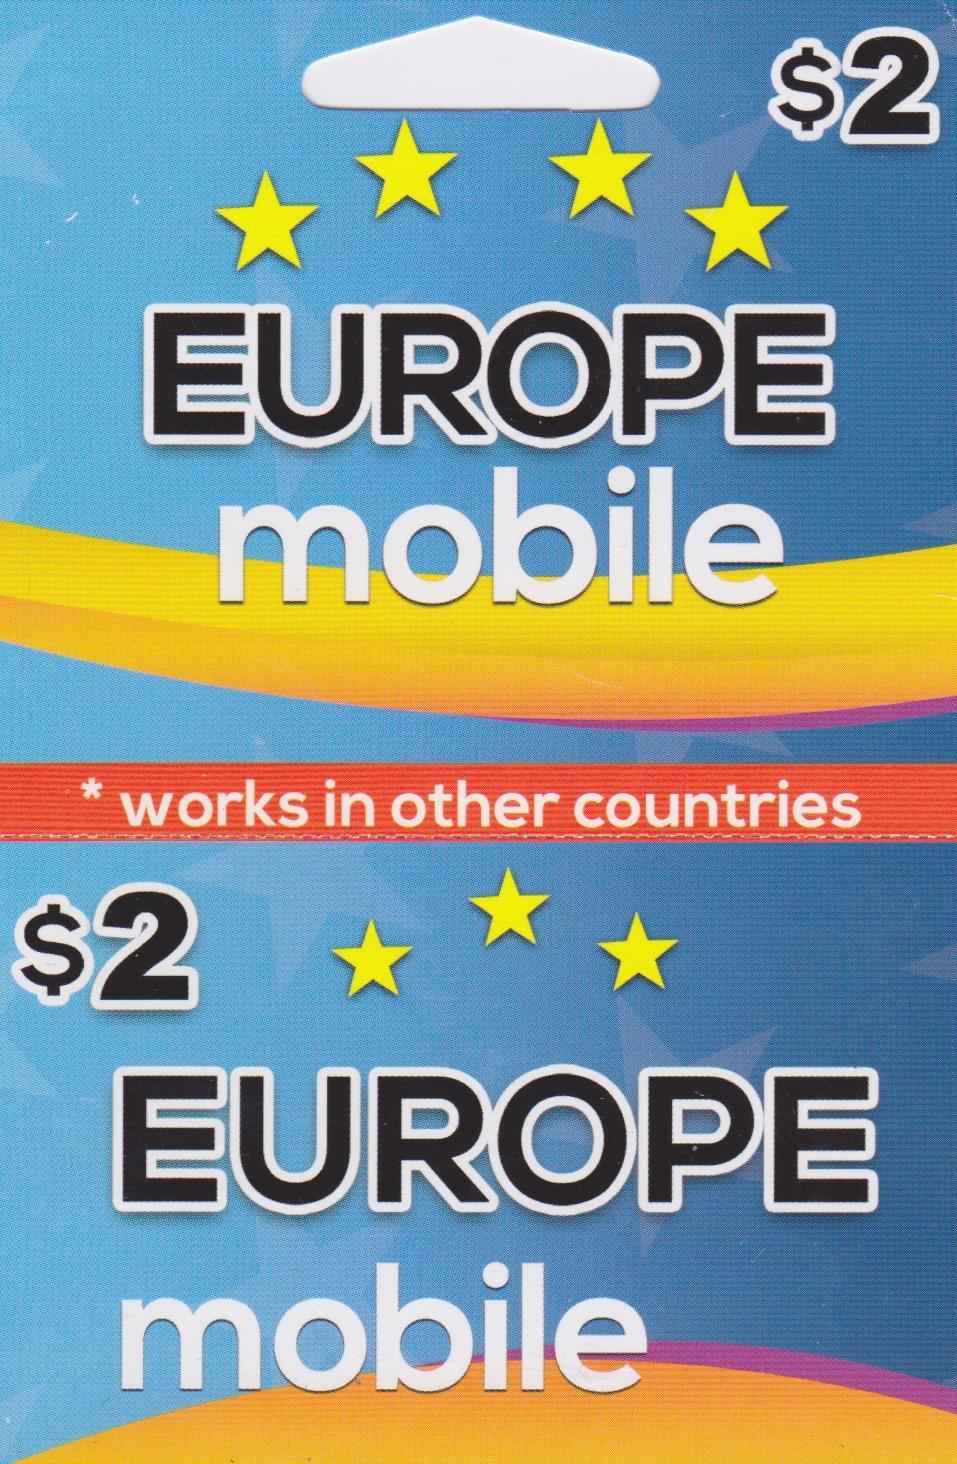 Europa mobile $2